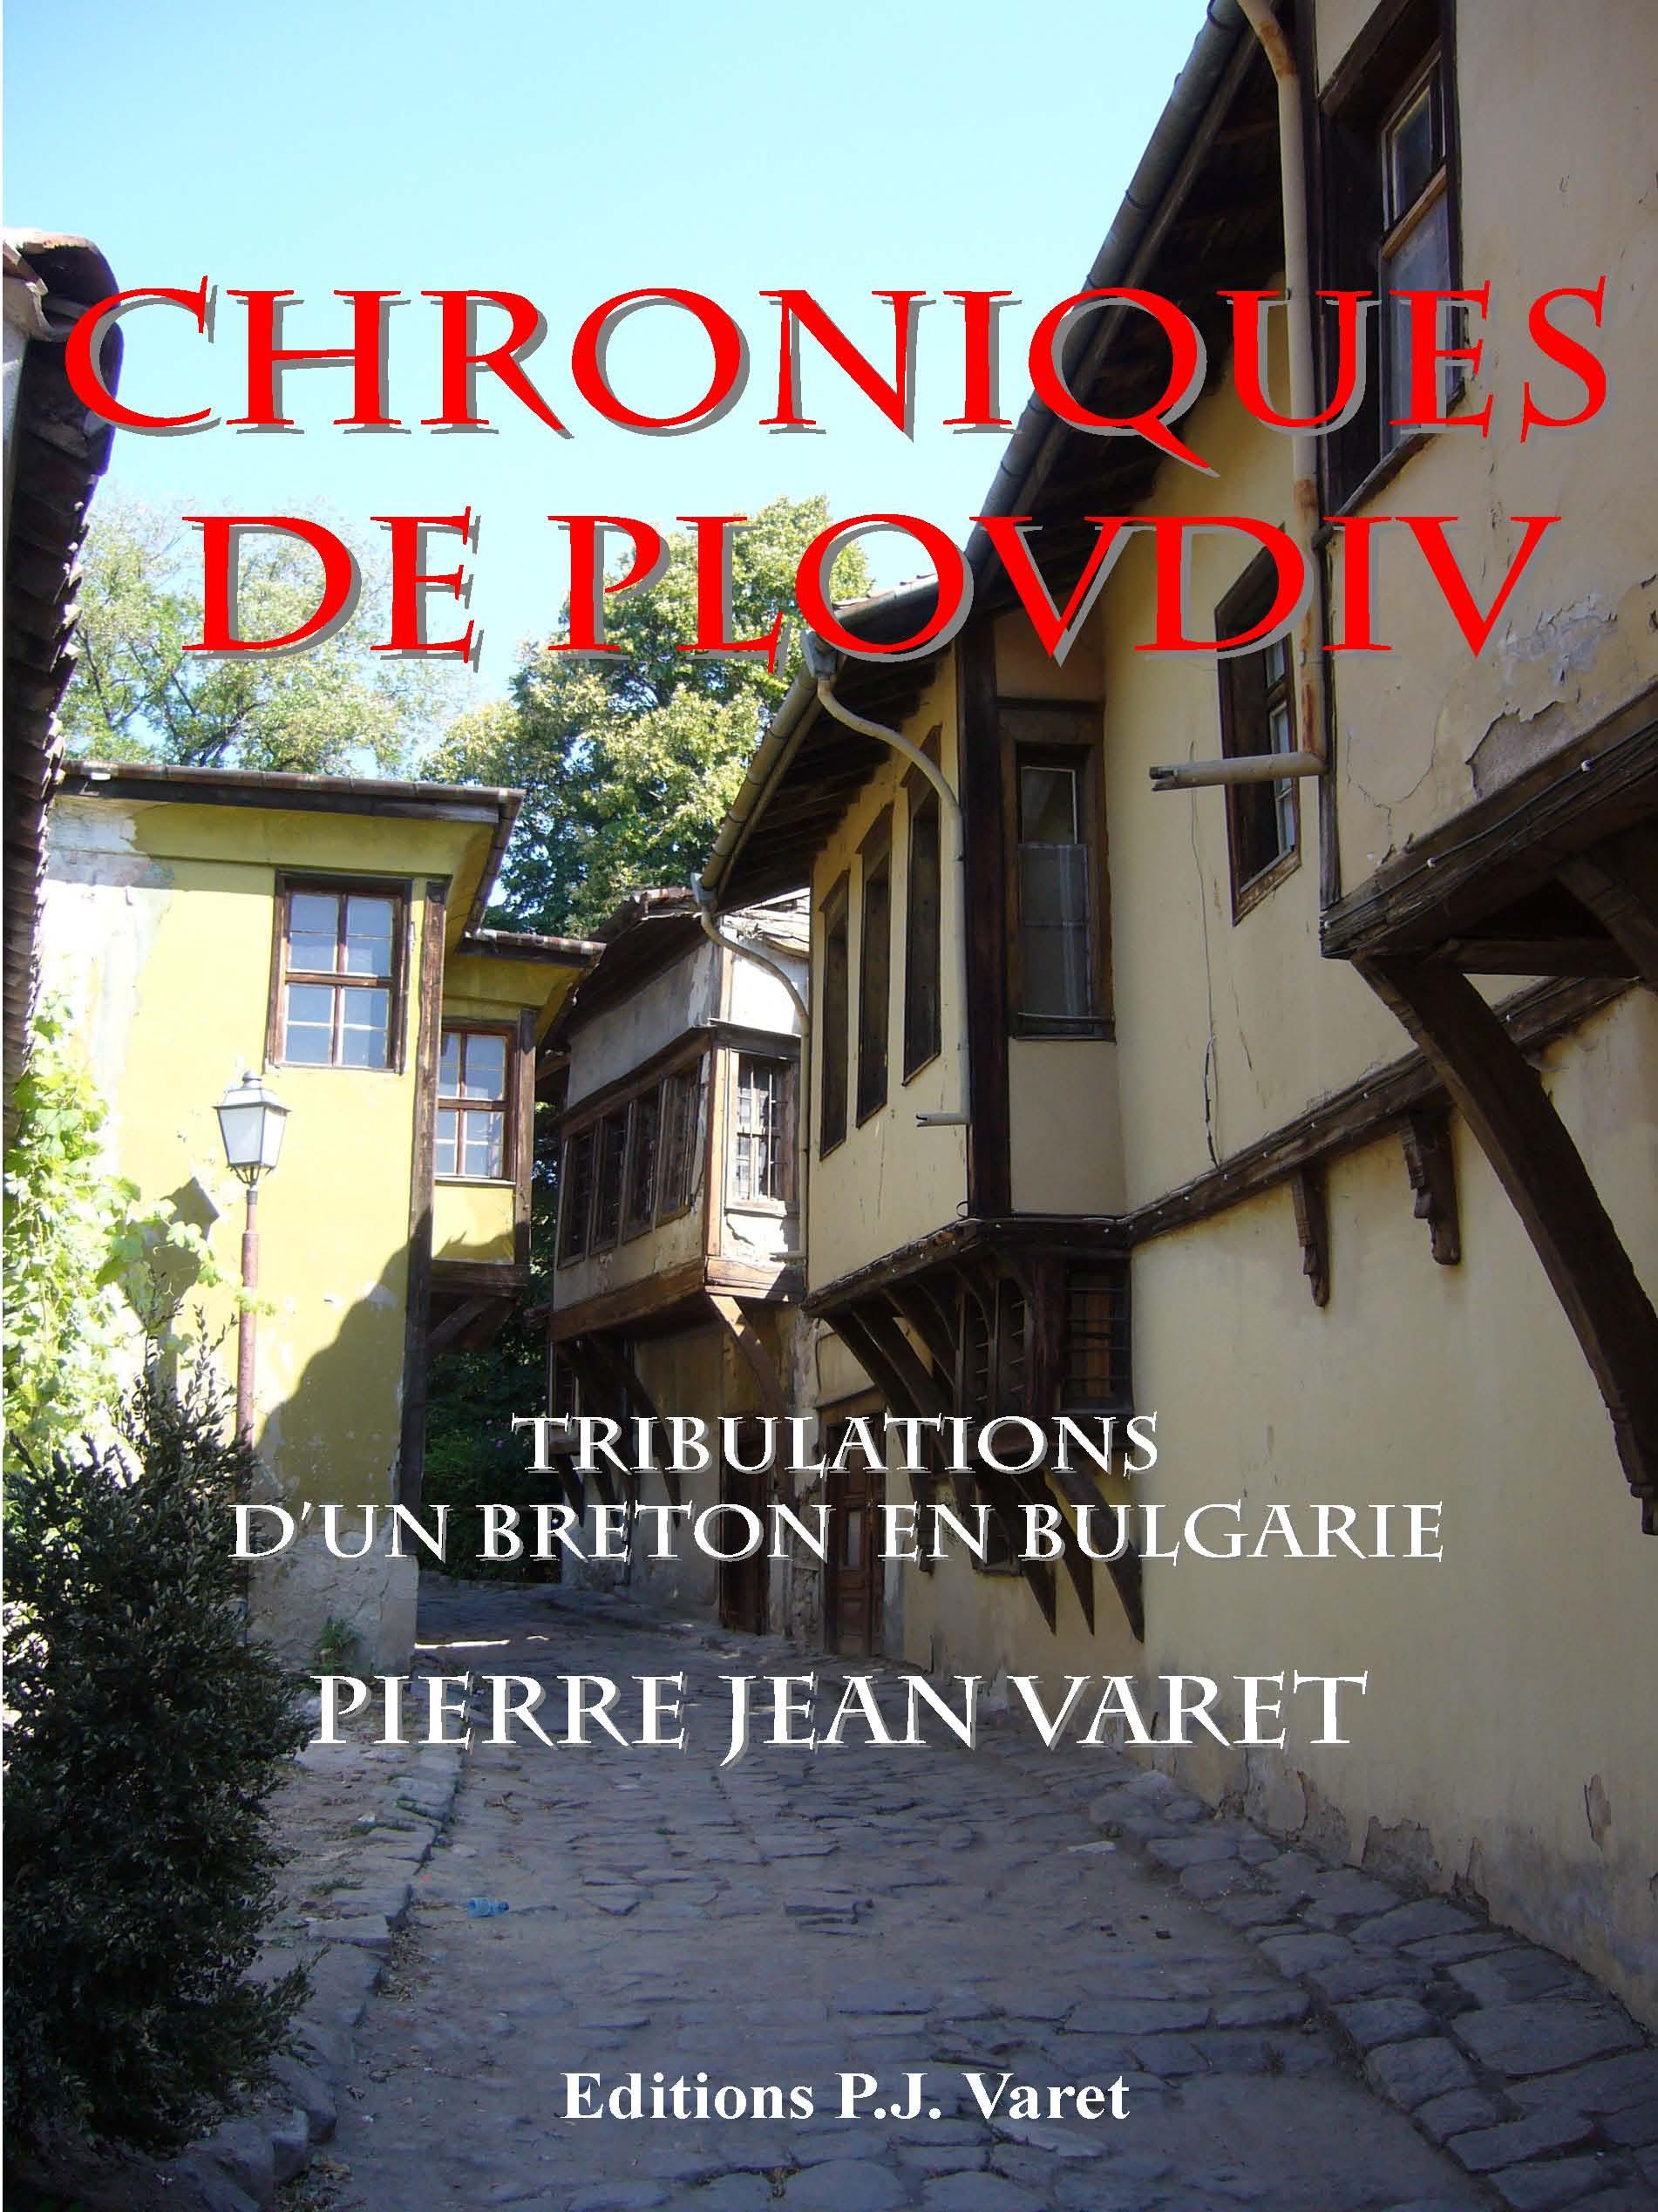 Chroniques de Plovdiv, TRIBULATIONS D'UN BRETON EN BULGARIE